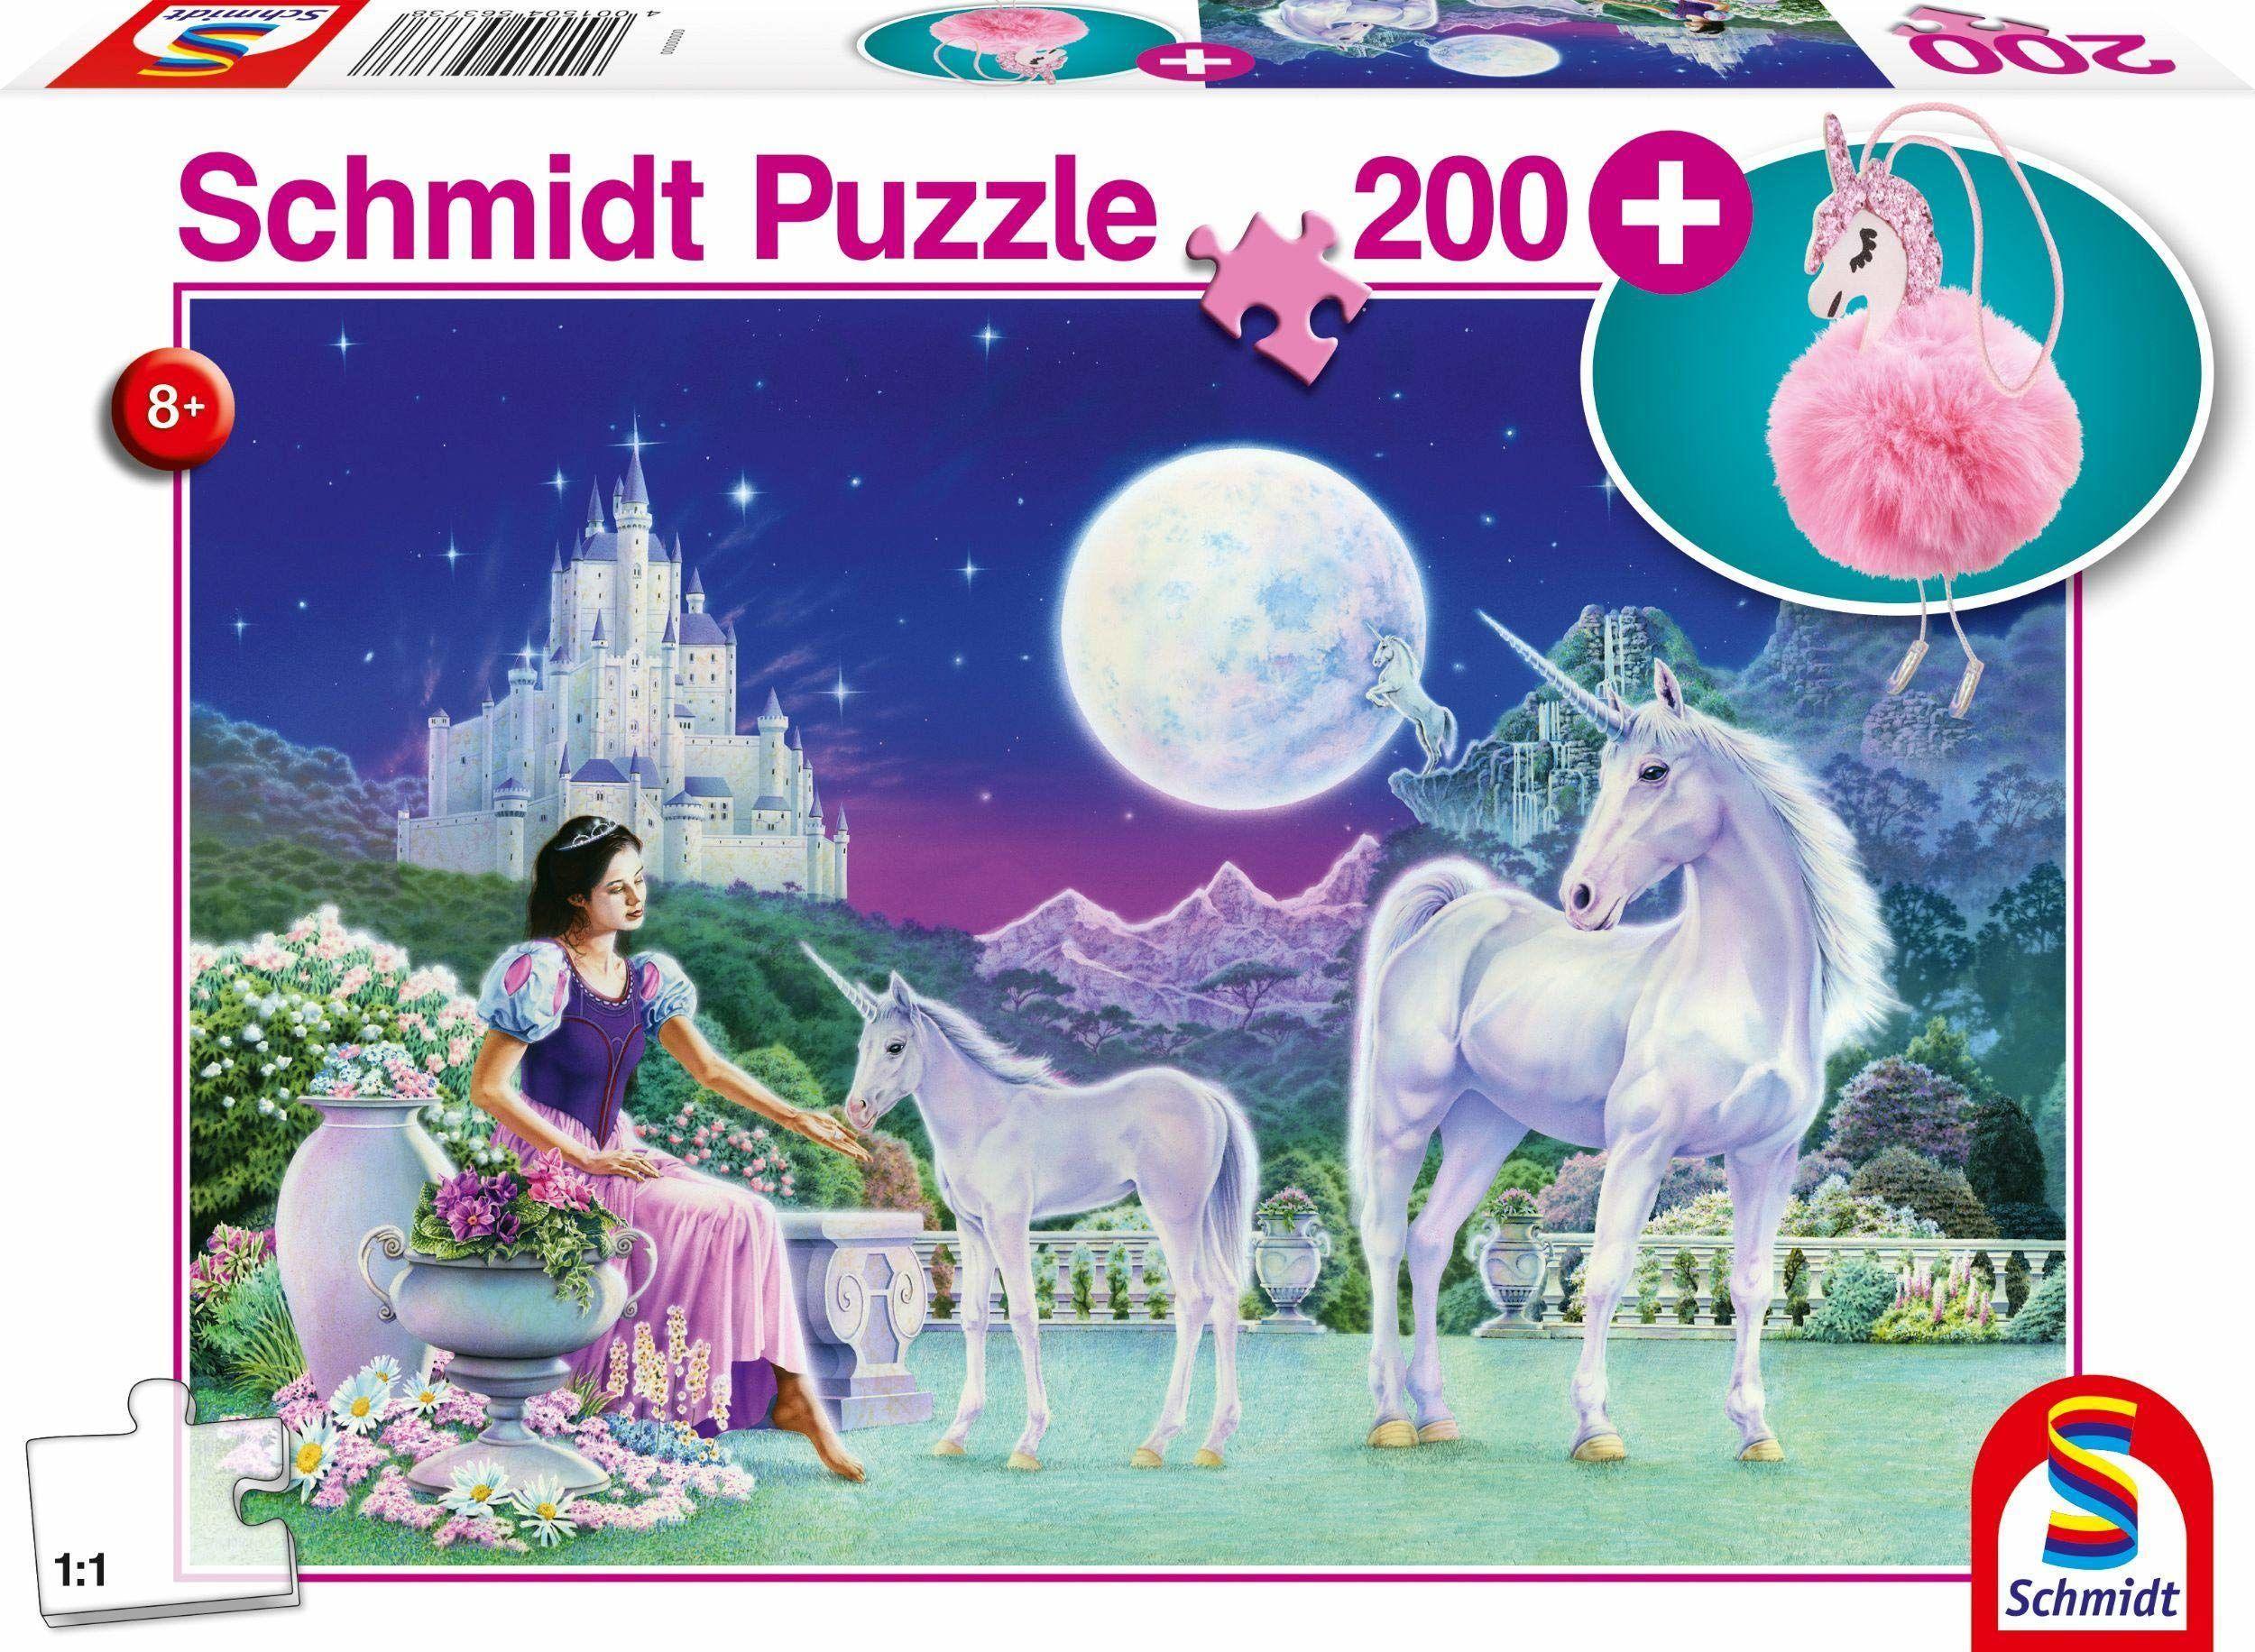 Schmidt Spiele 56373 jednorożec, 200 części dziecięce puzzle, z zawieszką